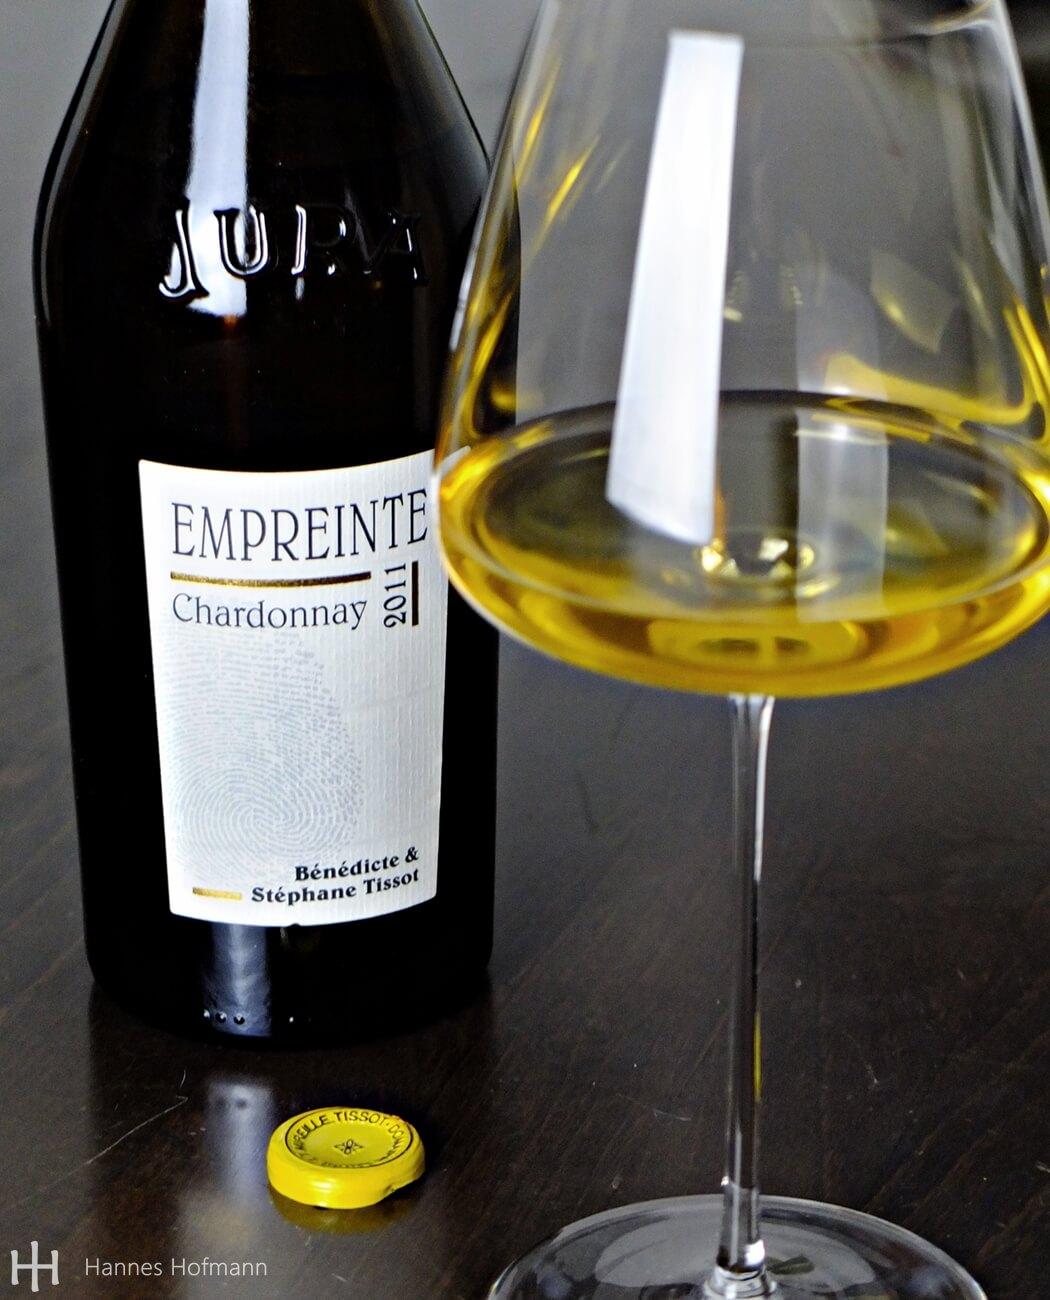 Empreinte 2011 von Benedicte & Stephane Tissot - Jura-Chardonnay